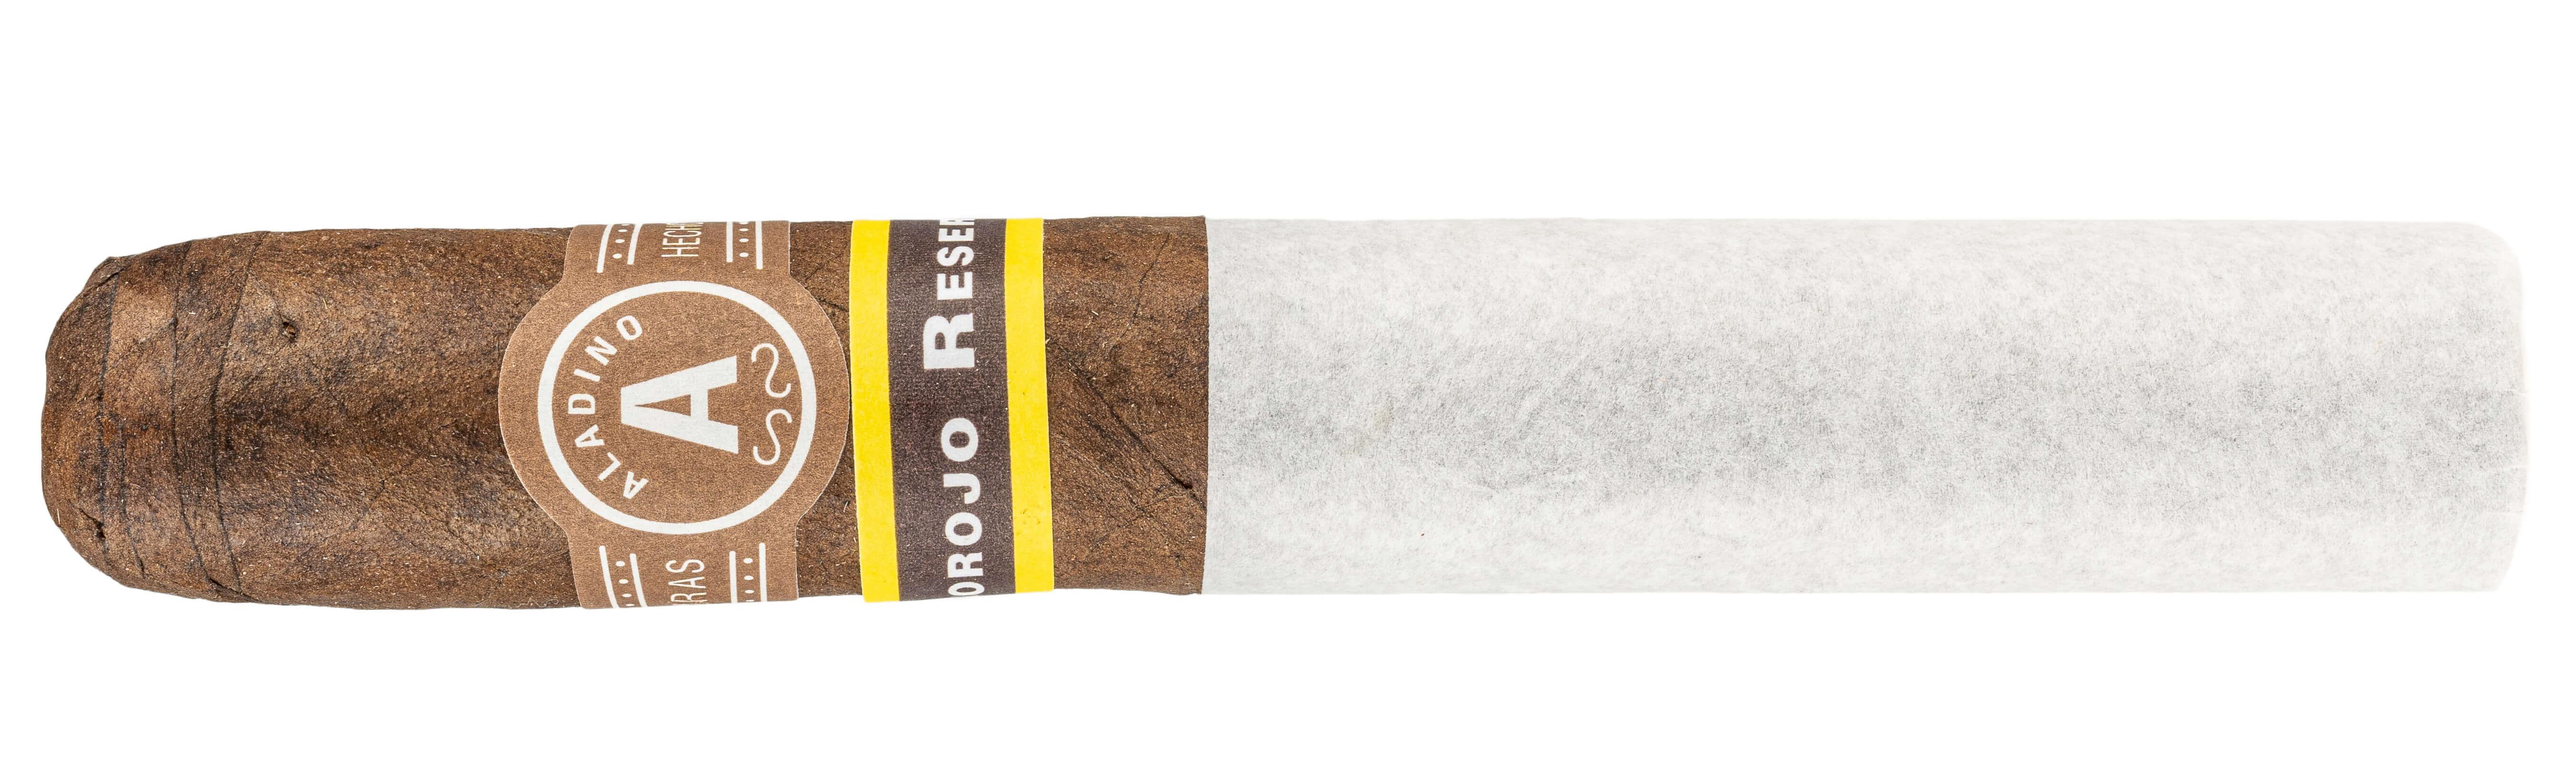 Blind Cigar Review: JRE | Aladino Corojo Reserva Robusto